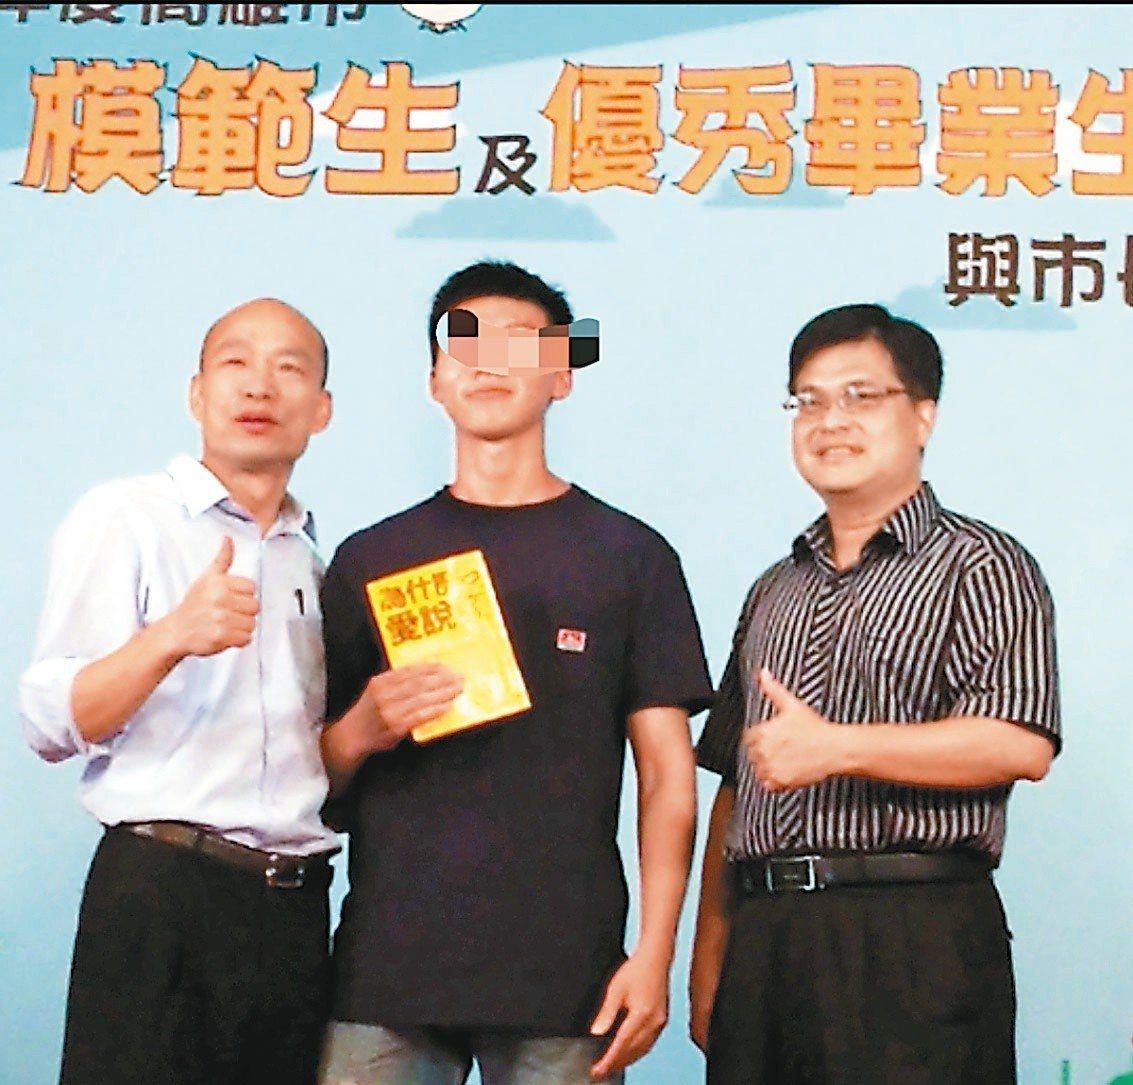 一名雄中畢業生(中)抱書上台與市長韓國瑜(左)微笑合影,書名卻是「為什麼愛說謊」...